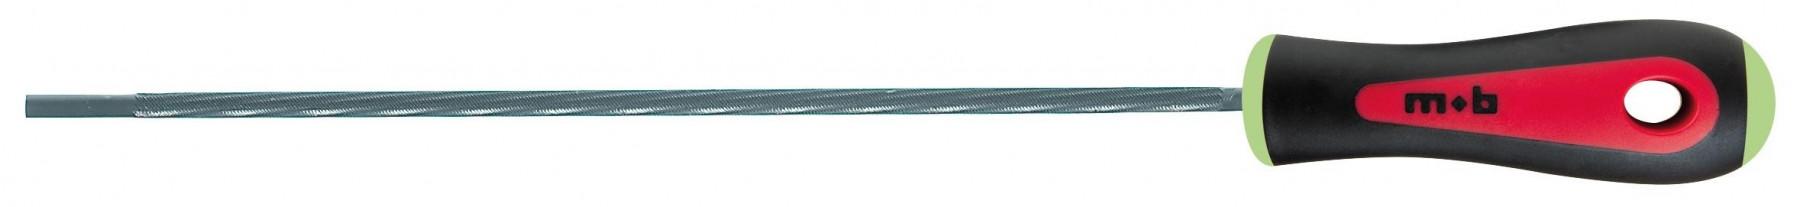 Lime ronde pour tronçonneuse MOB MONDELIN 200 x 5.5 mm - 0970556201